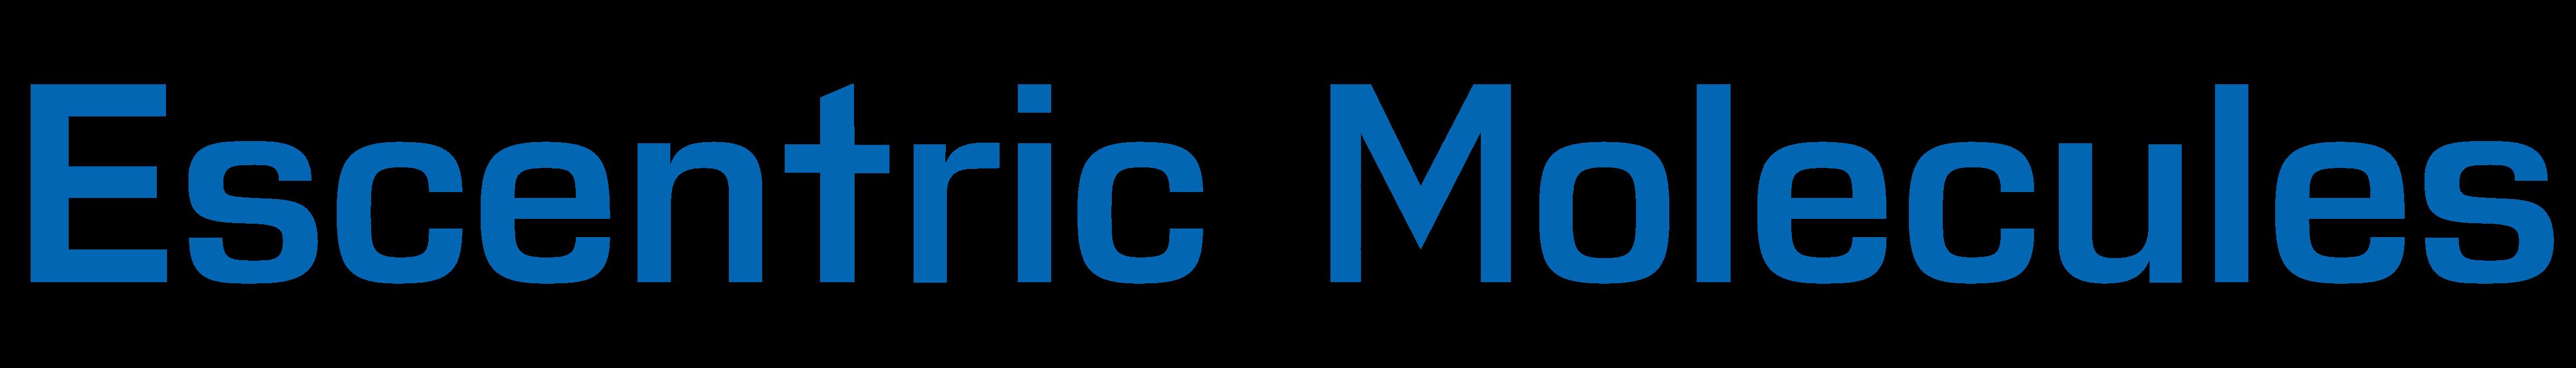 Bildergebnis für molecule escentric logo